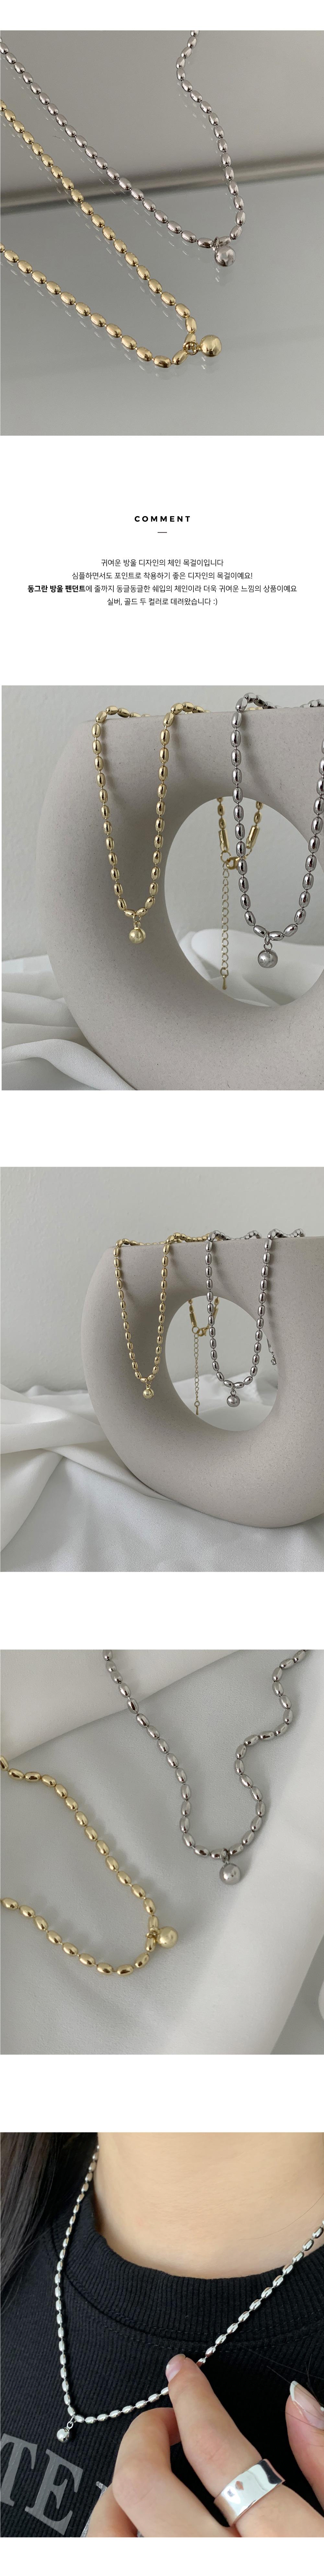 hersie drop chain necklace